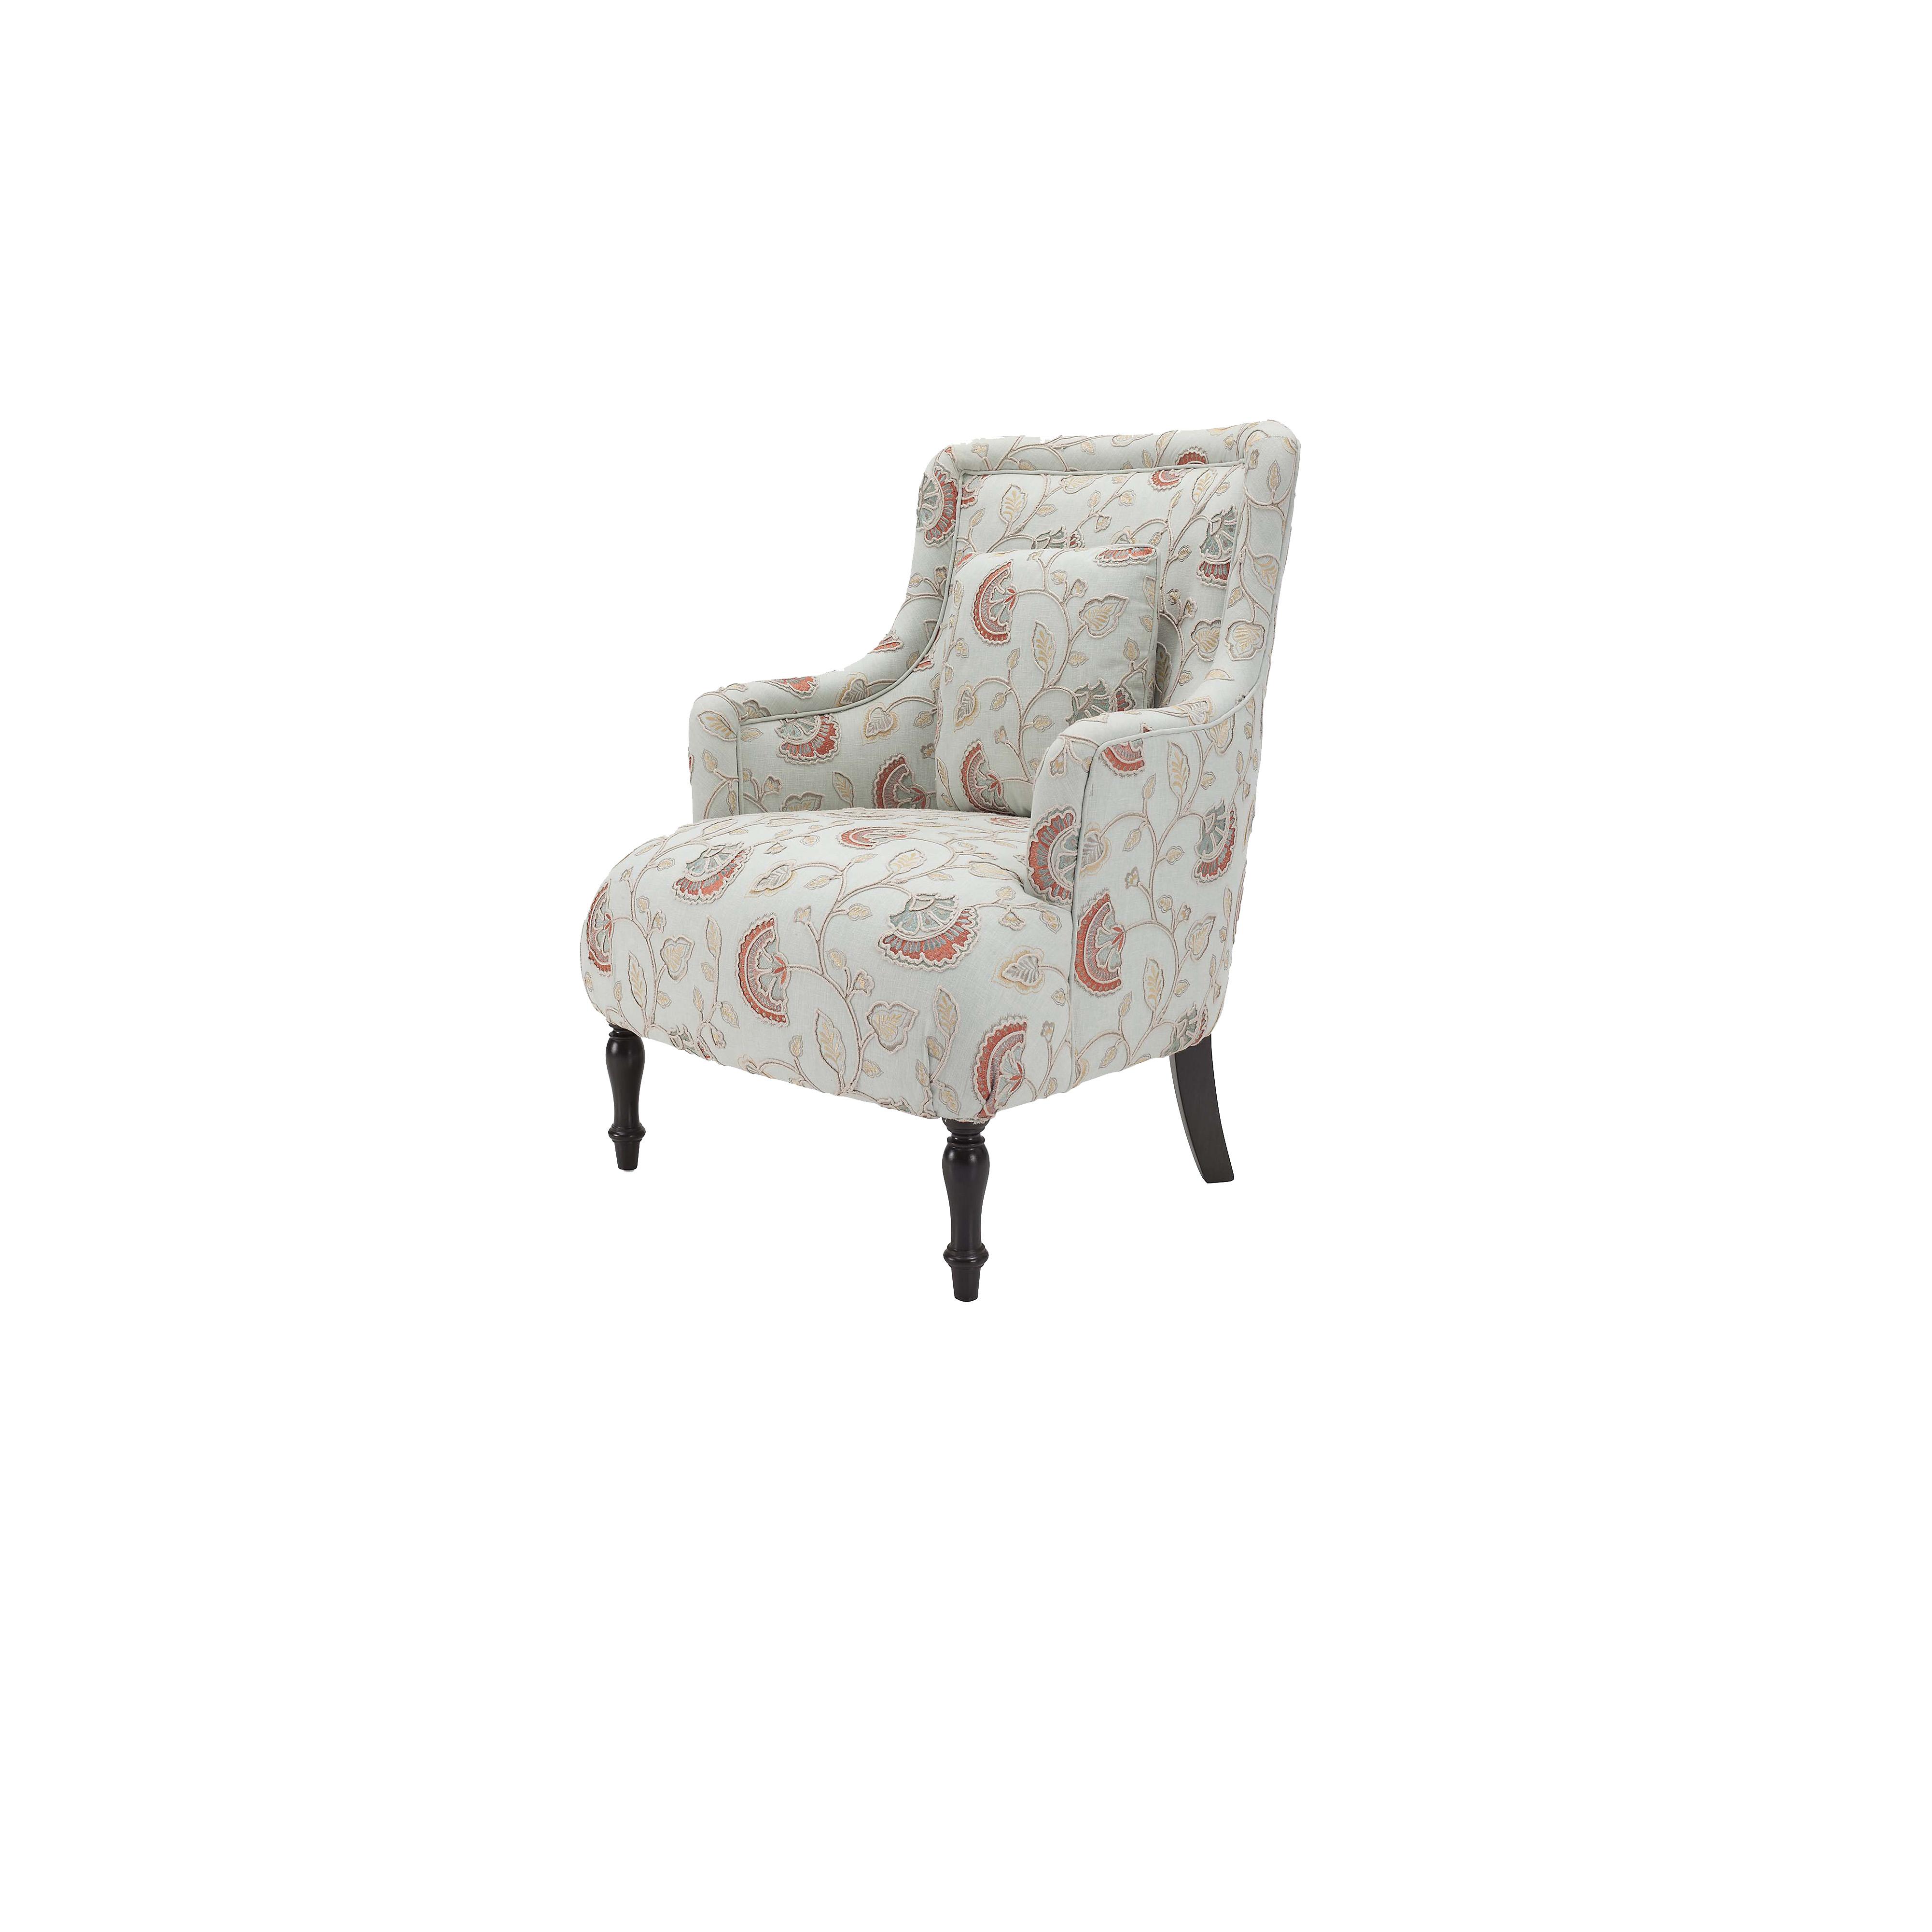 Saturday armchair